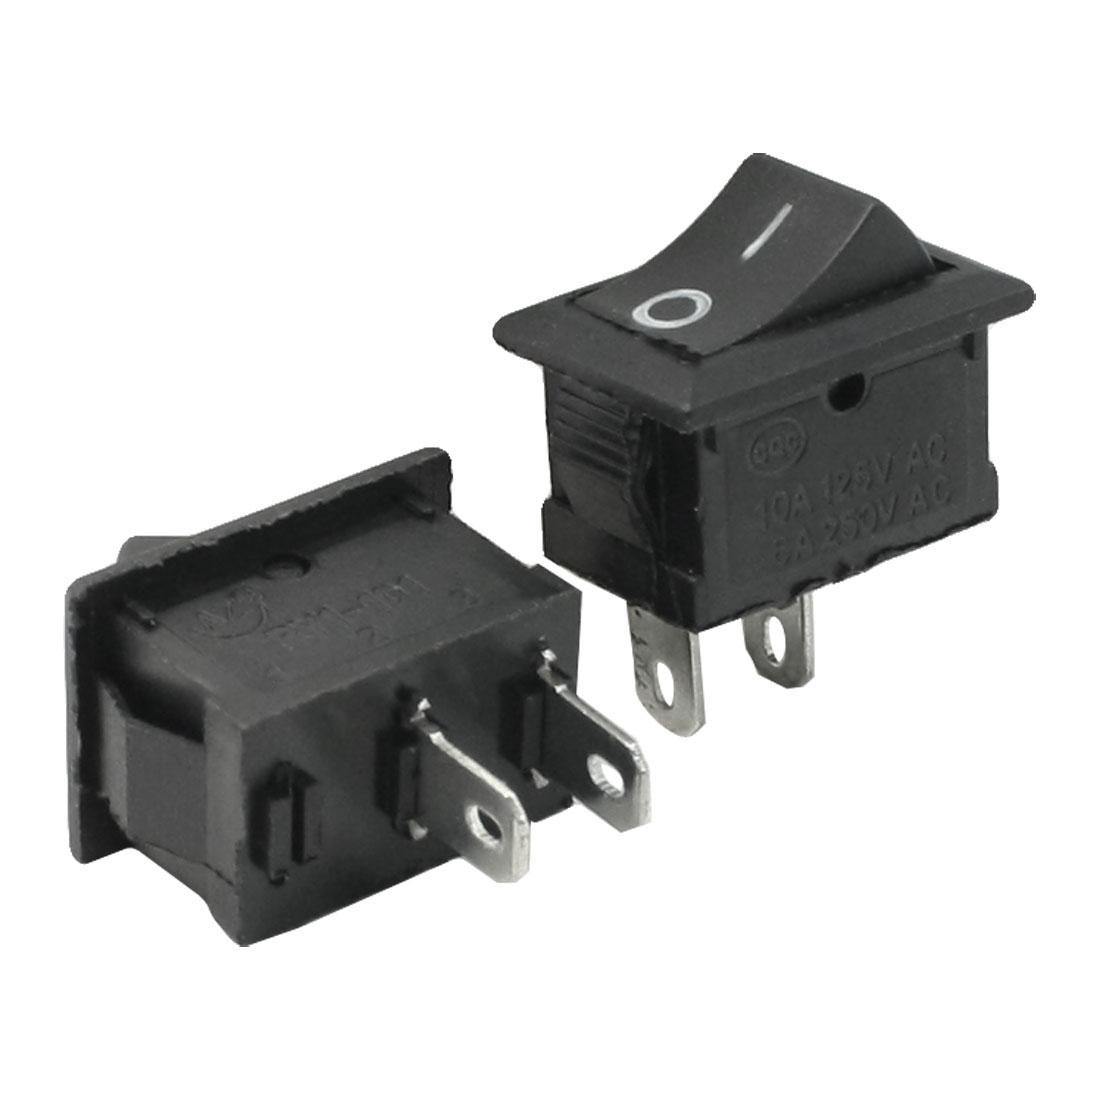 2 x Plunge Router AC 250V/6A 125V/10A Single Pole ON/OFF Rocker Switch